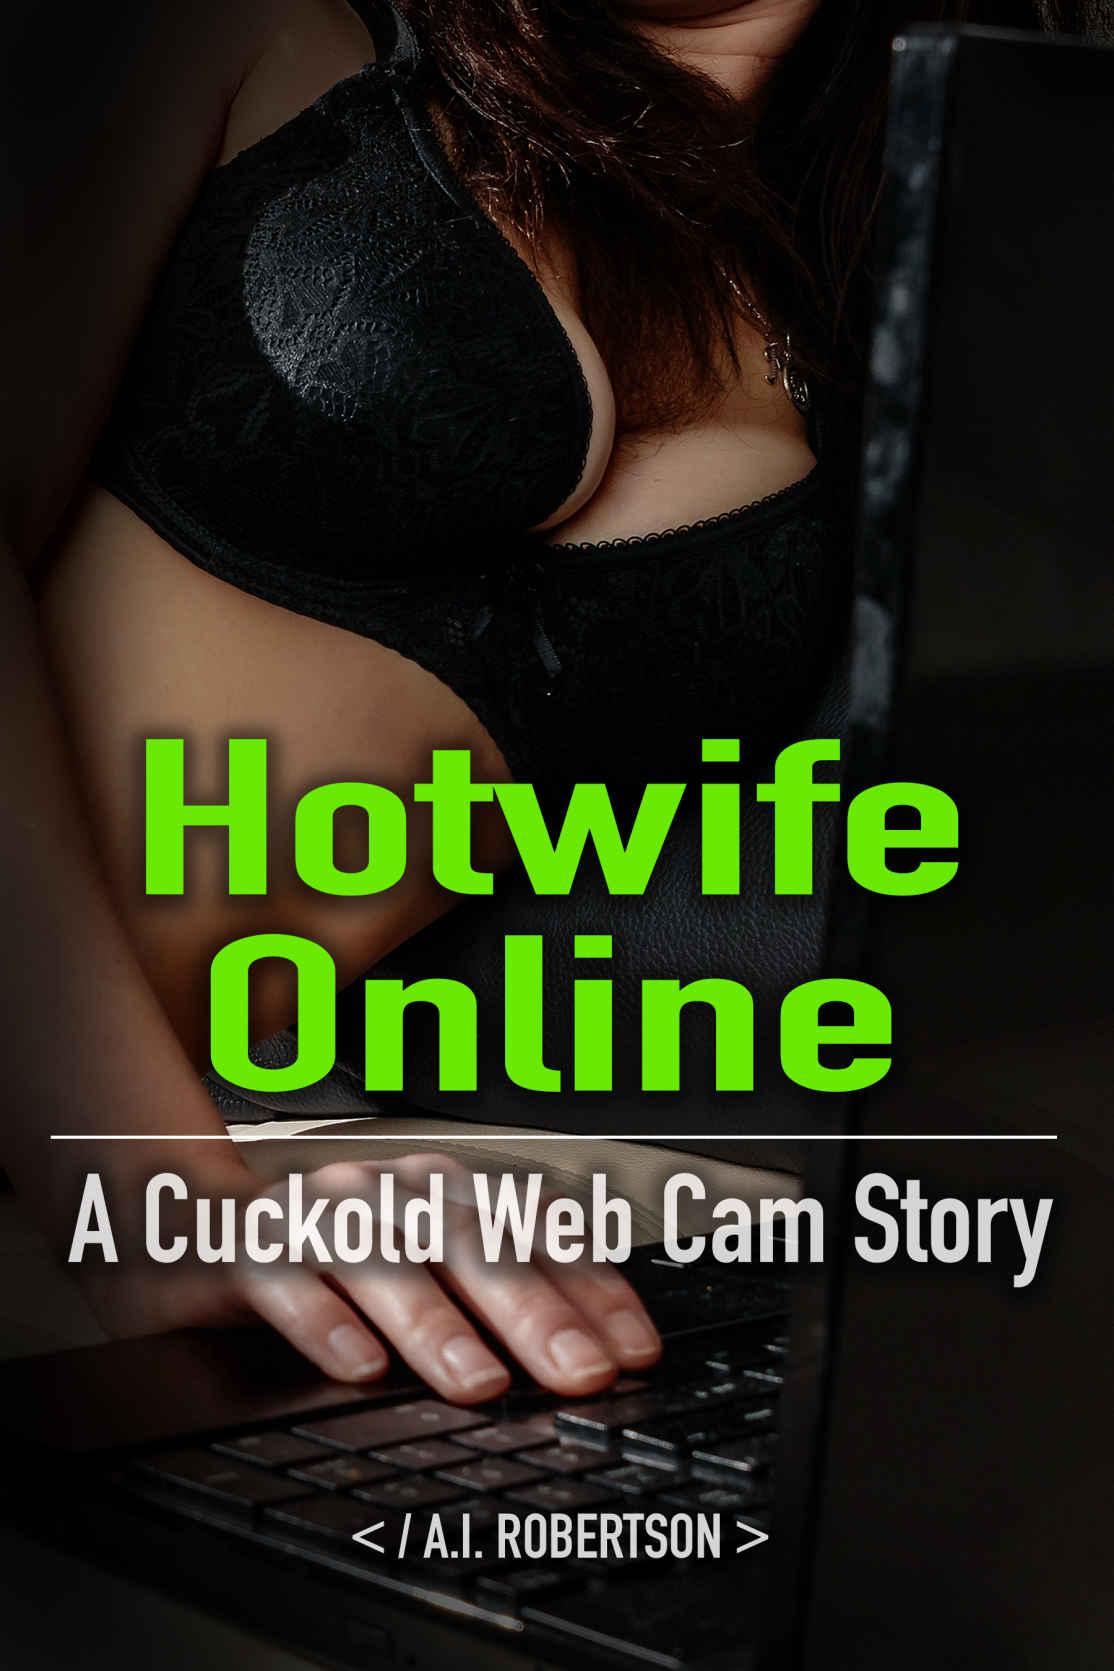 cuckholding magazine adult pornographic